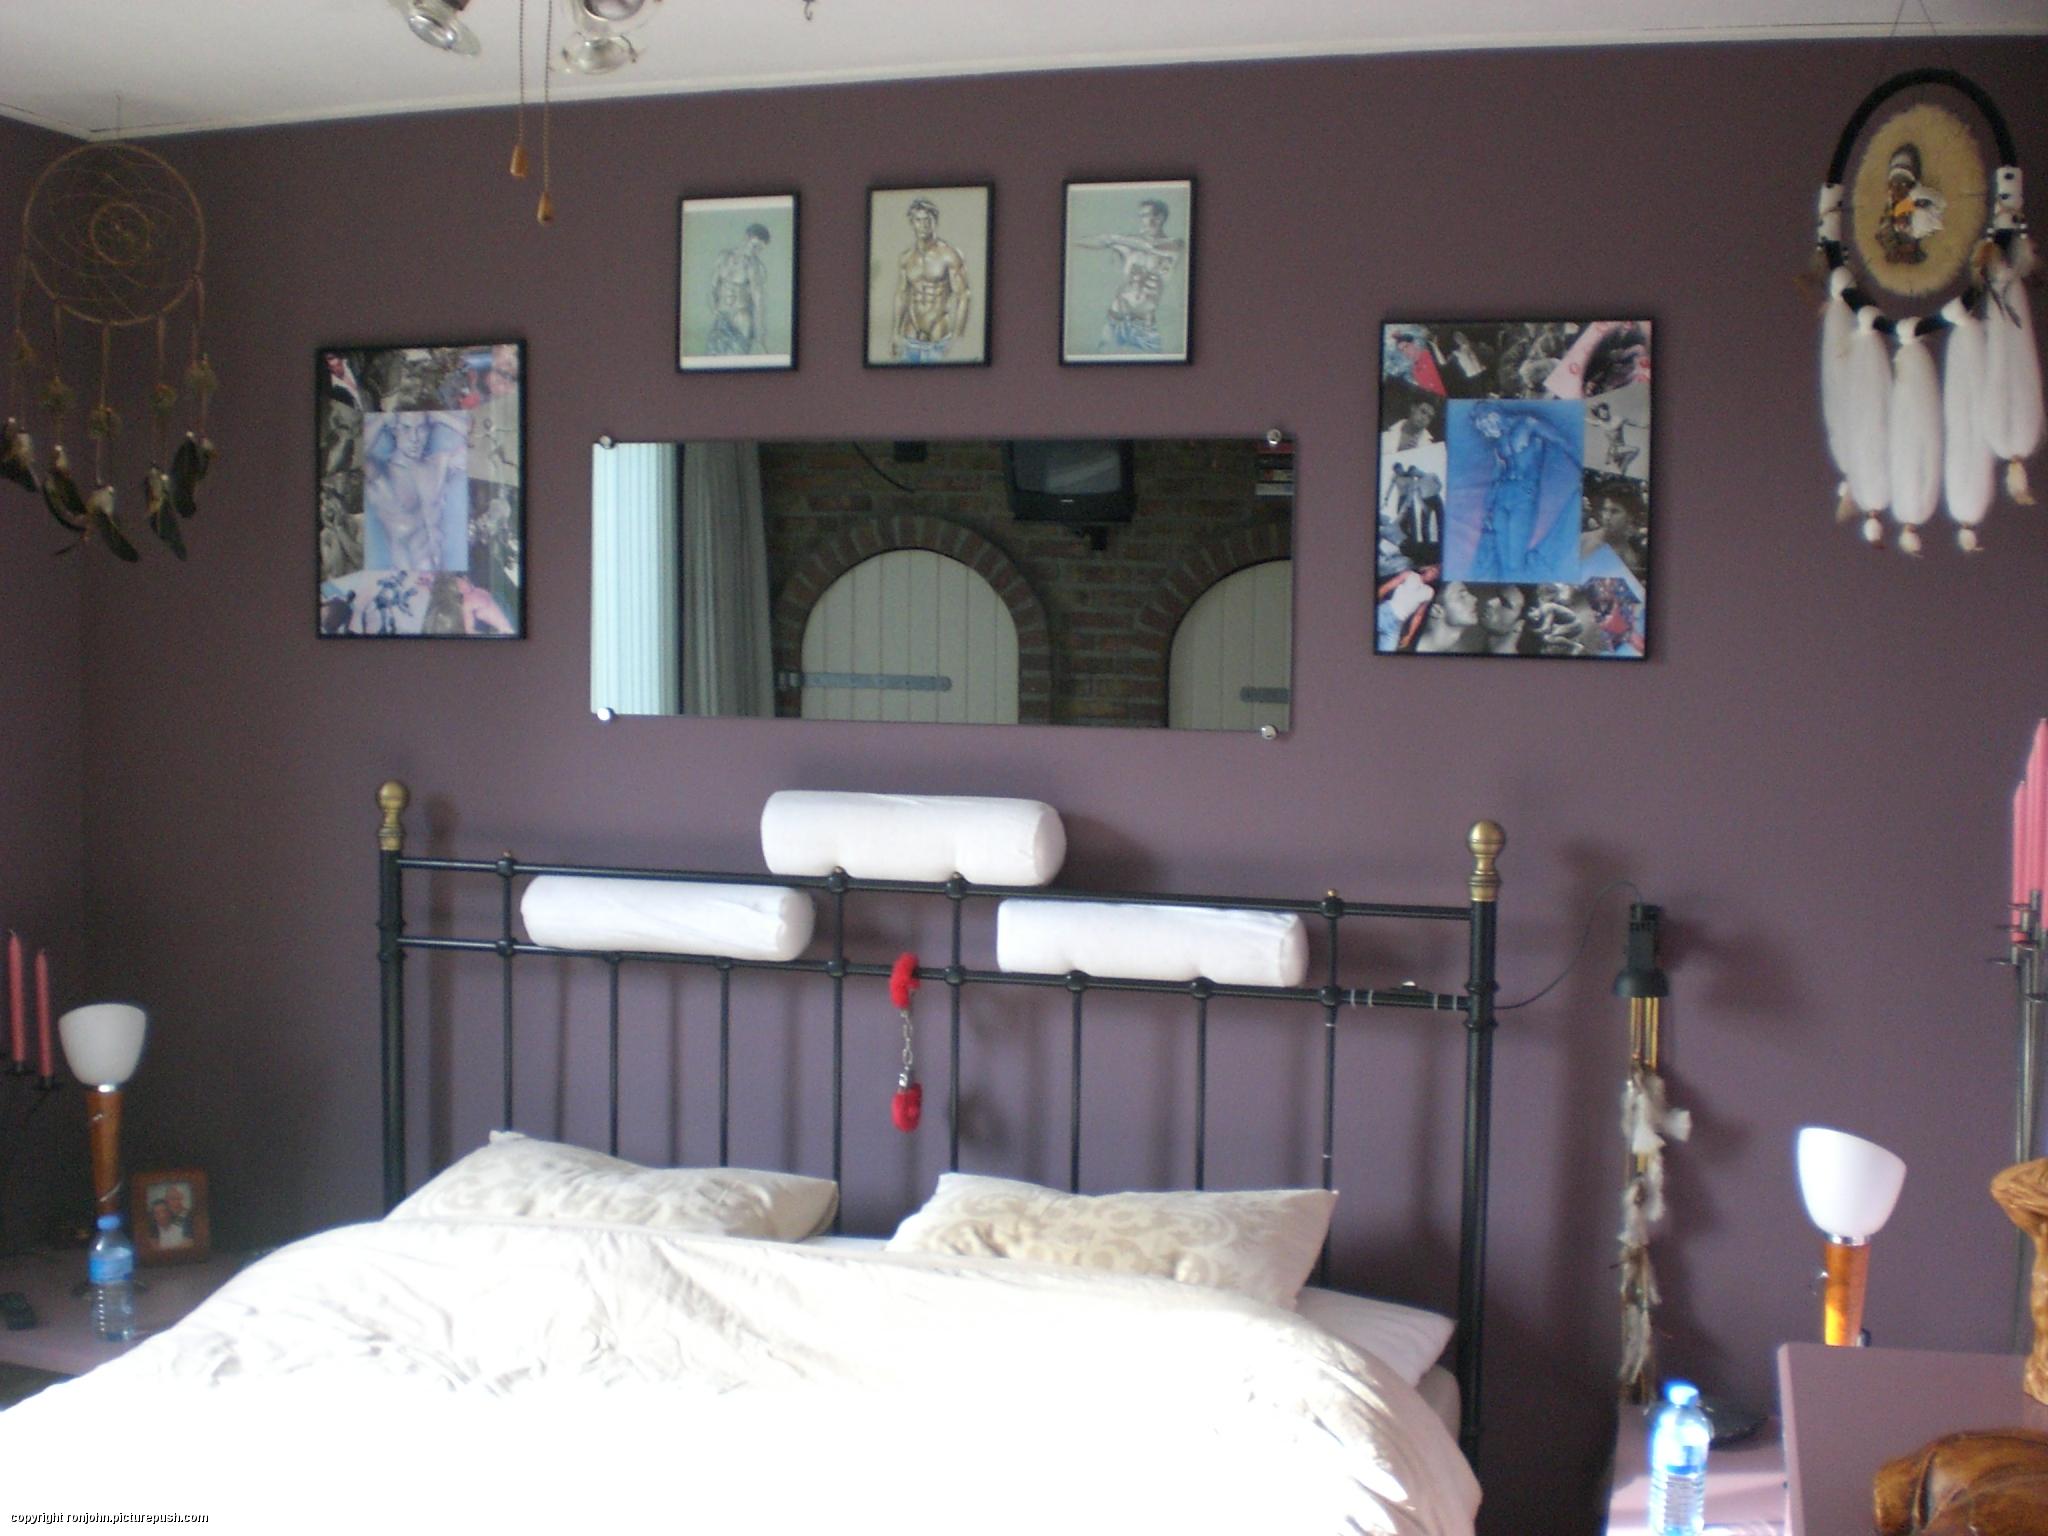 Slaapkamer Kleuren 2016: Rustgevende slaapkamer met schuin dak foto s ...